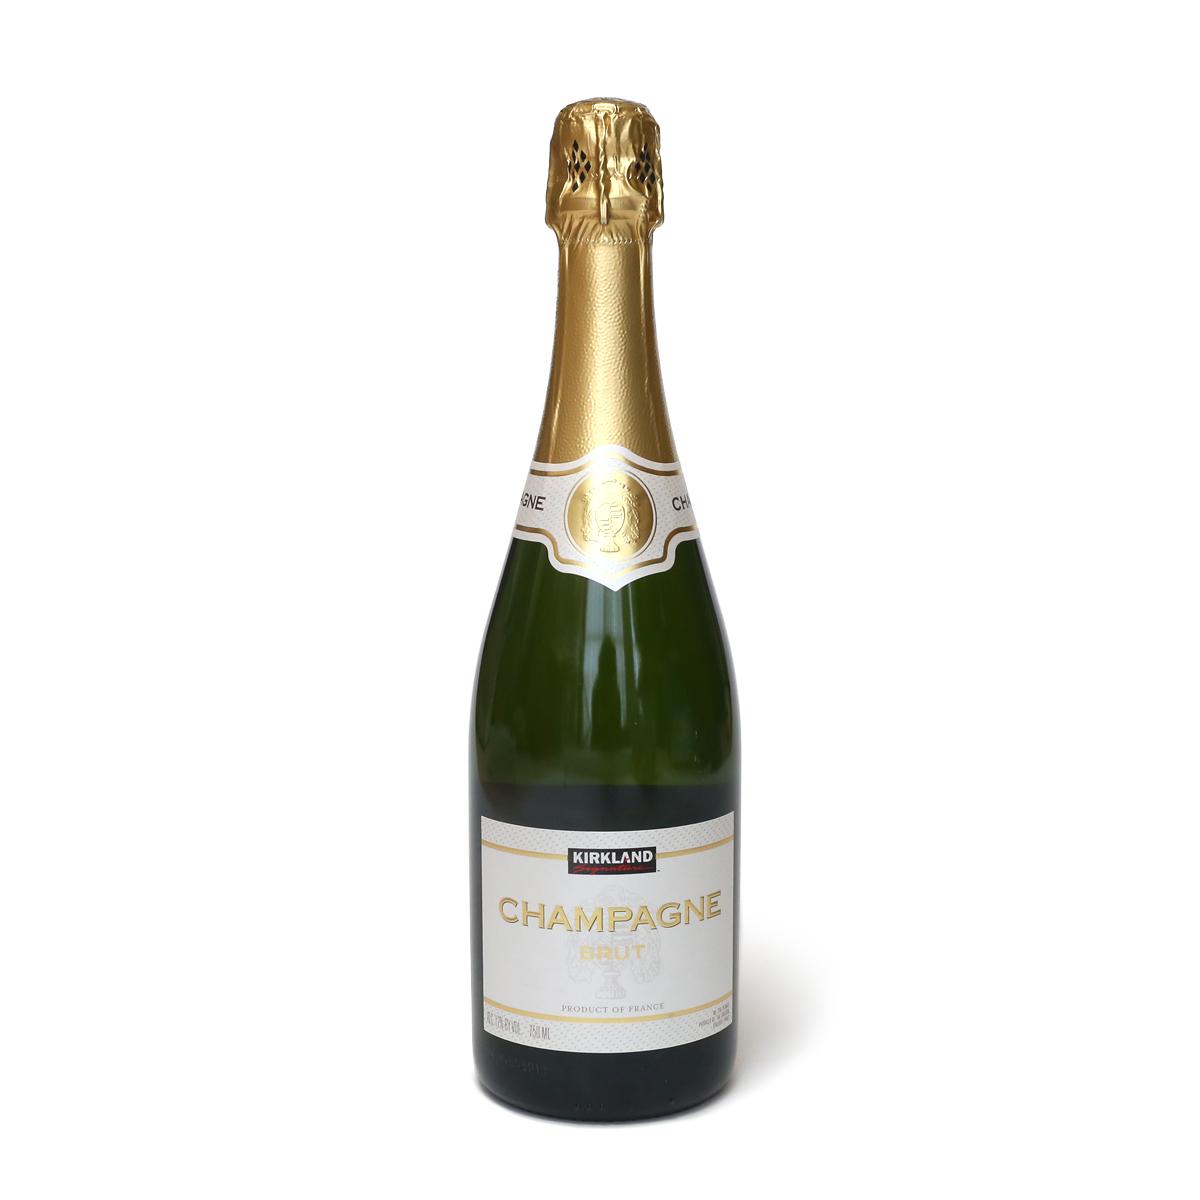 カークランドシグネチャー シャンパン ブリュット